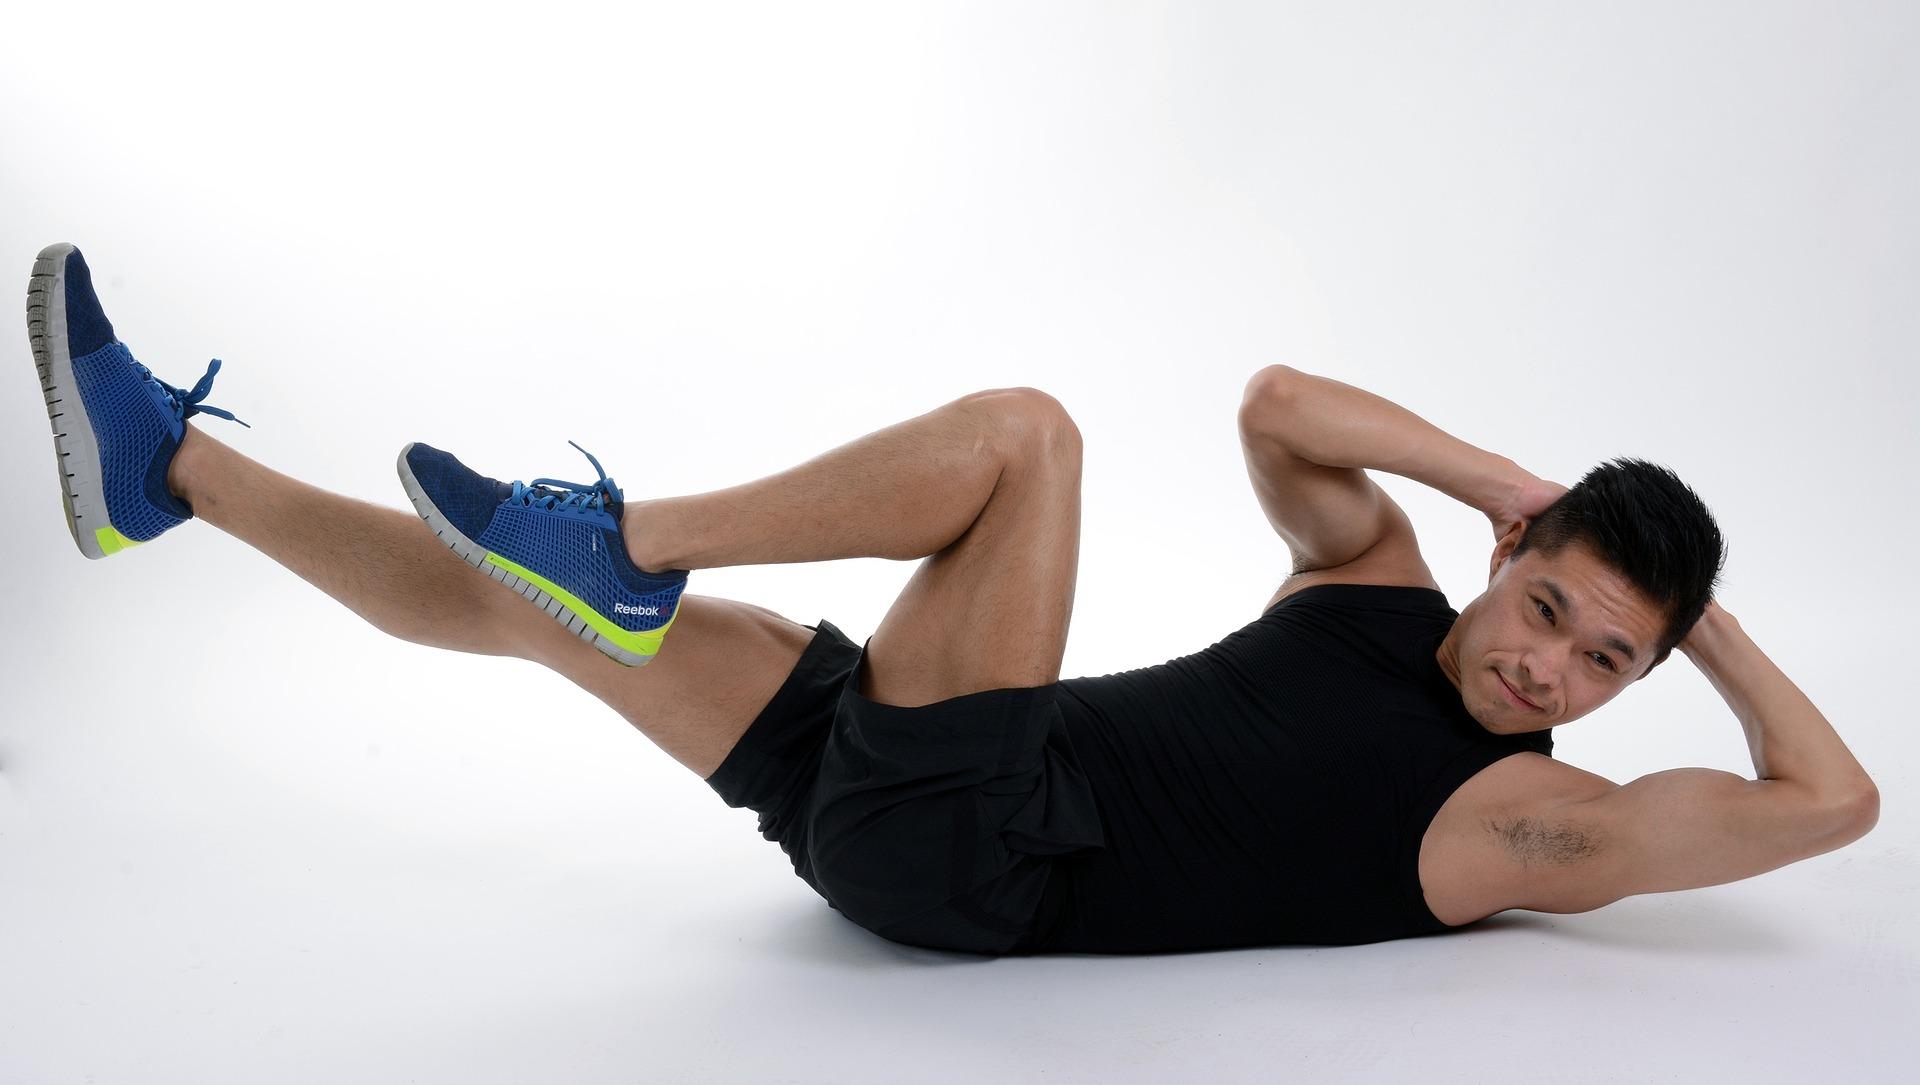 ツイストクランチのやり方と効果!腹斜筋を鍛えてお腹を細くする方法について紹介